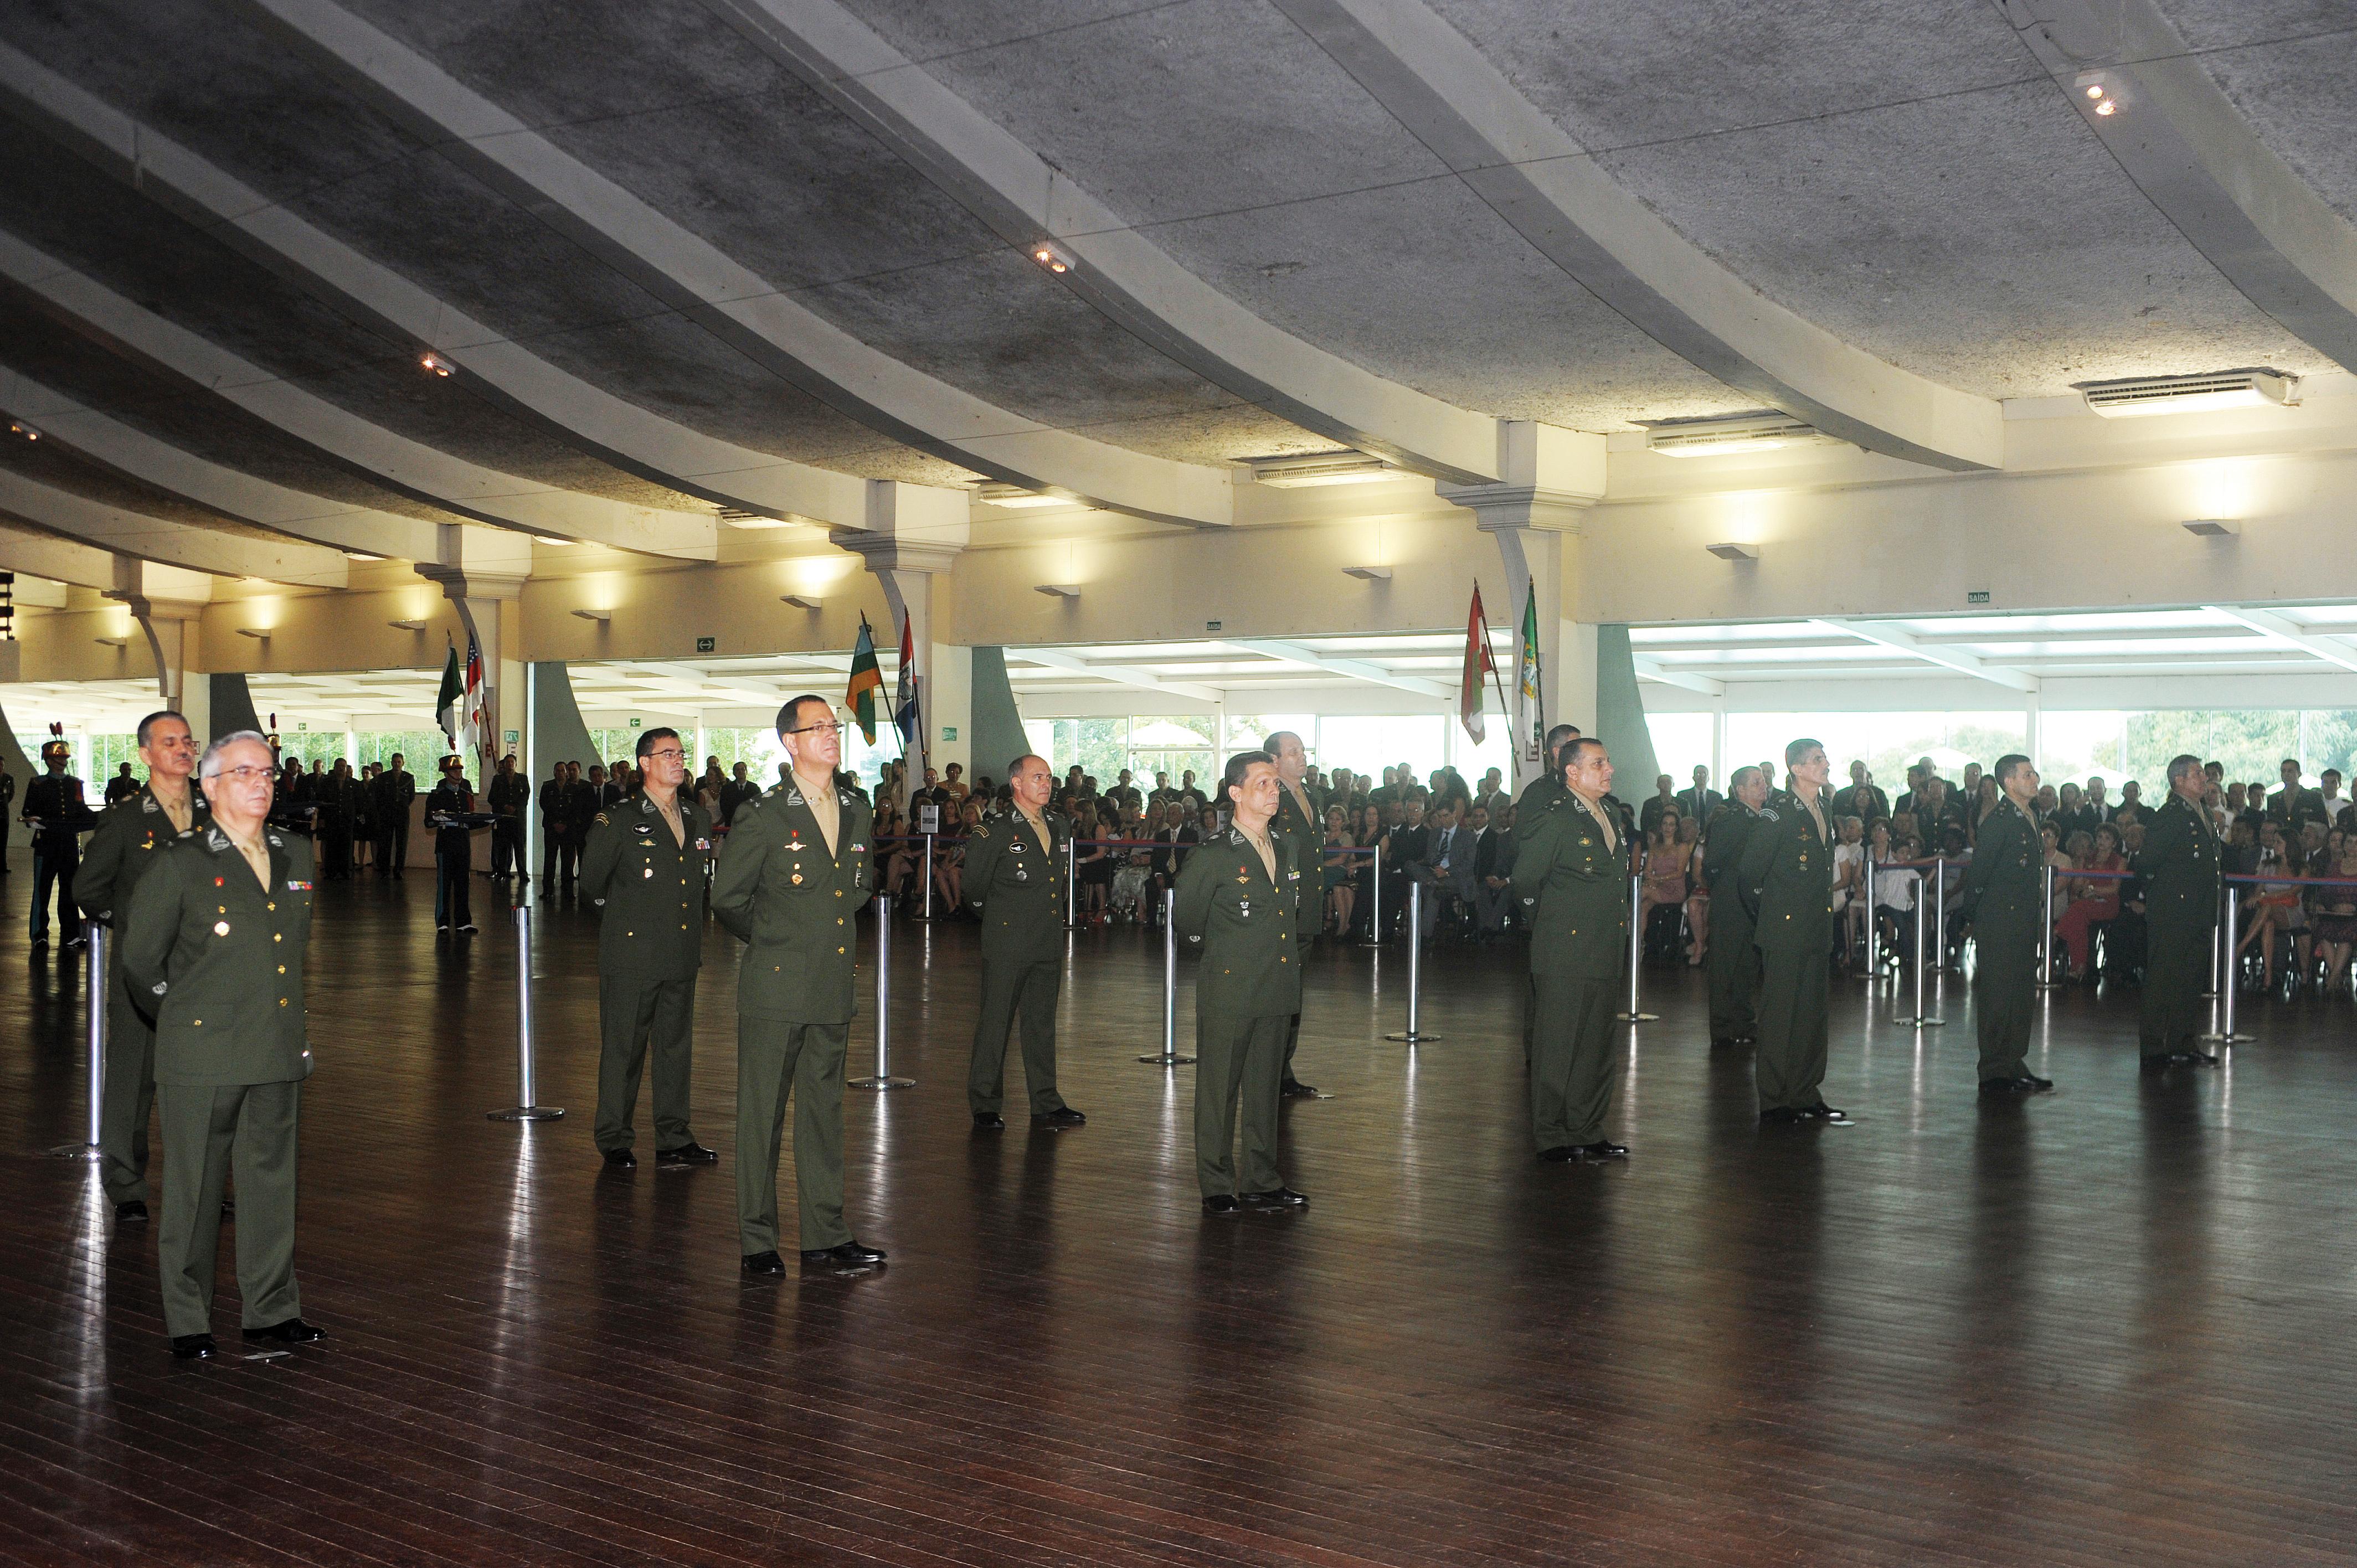 dcddf54052783 O Ministro da Defesa, Celso Amorim, participou da cerimônia de entrega de  espada a 14 Oficiais Generais ocorrida no Clube do Exército, em Brasília.